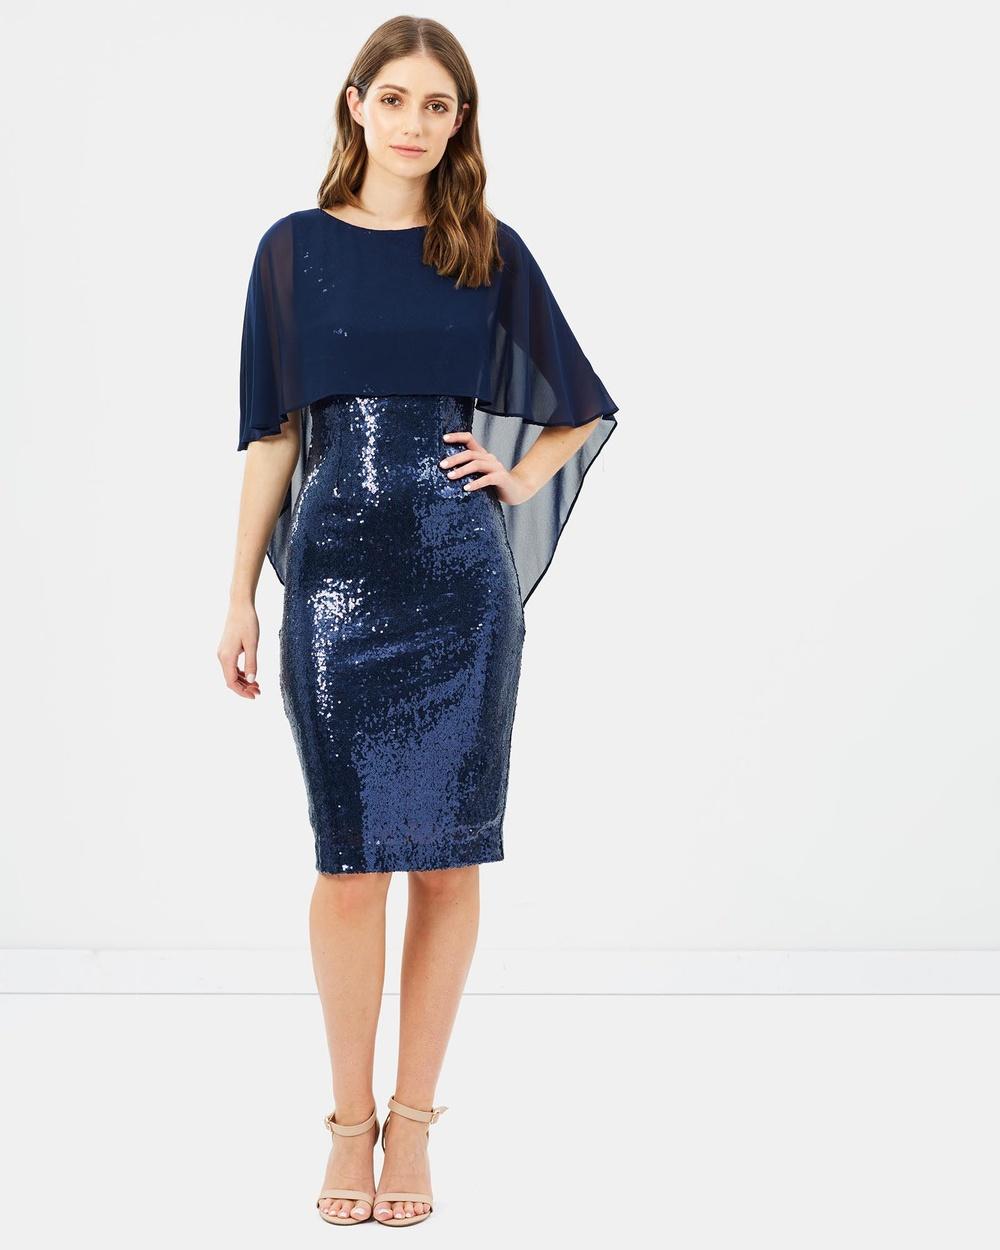 Montique Nicolle Sequin Shift Dress Dresses Navy Nicolle Sequin Shift Dress